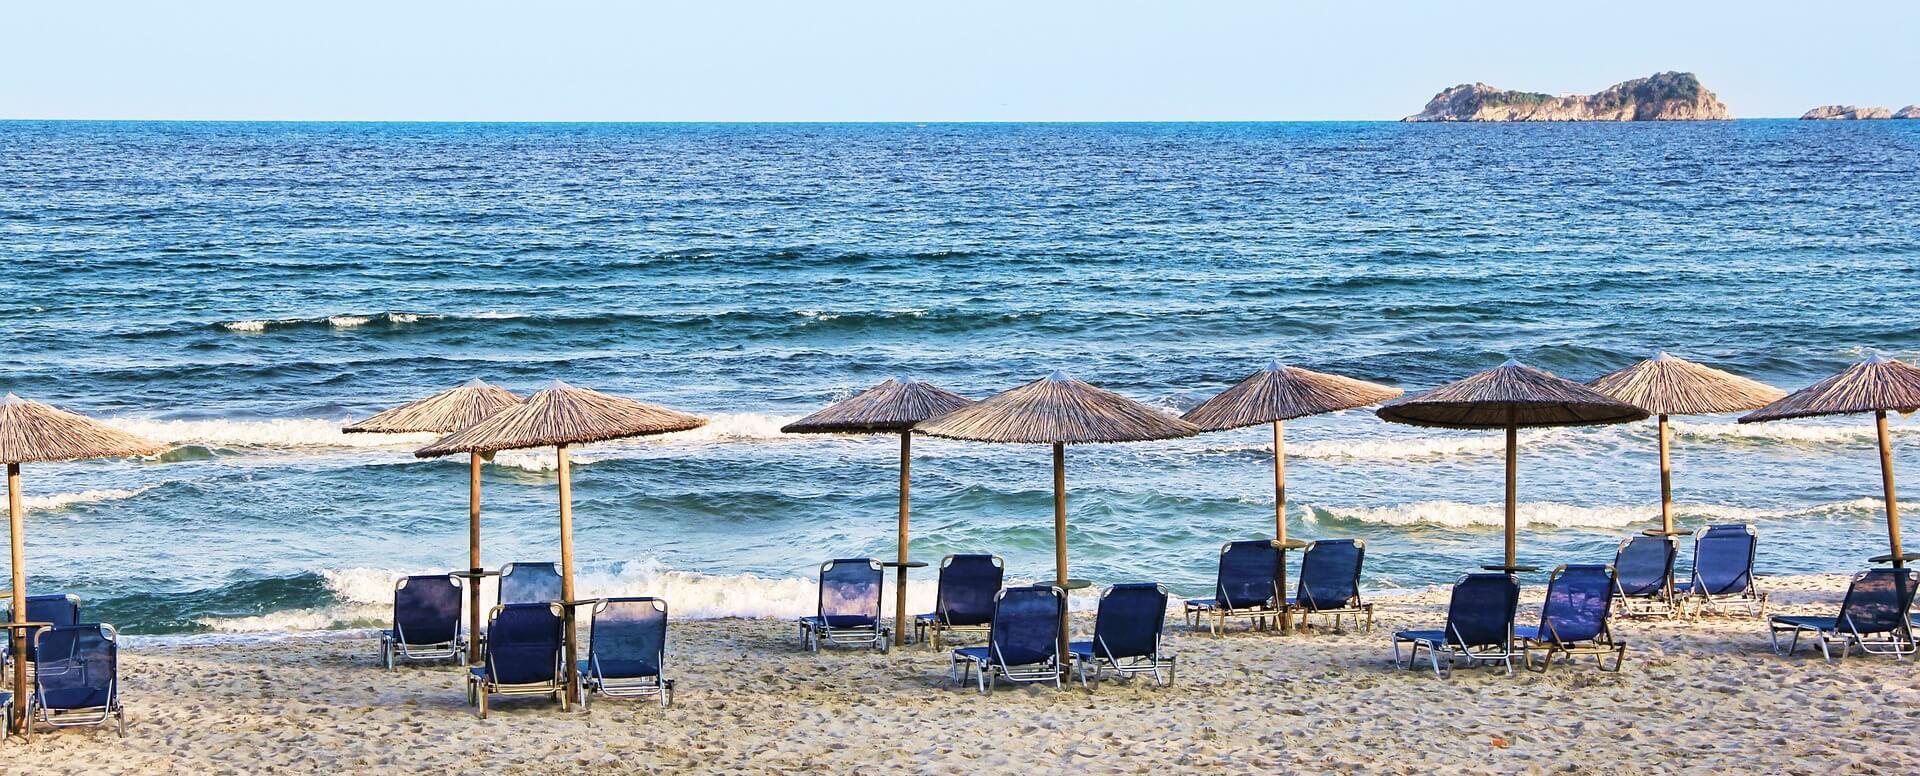 2. Profiter pleinement du soleil - Grèce